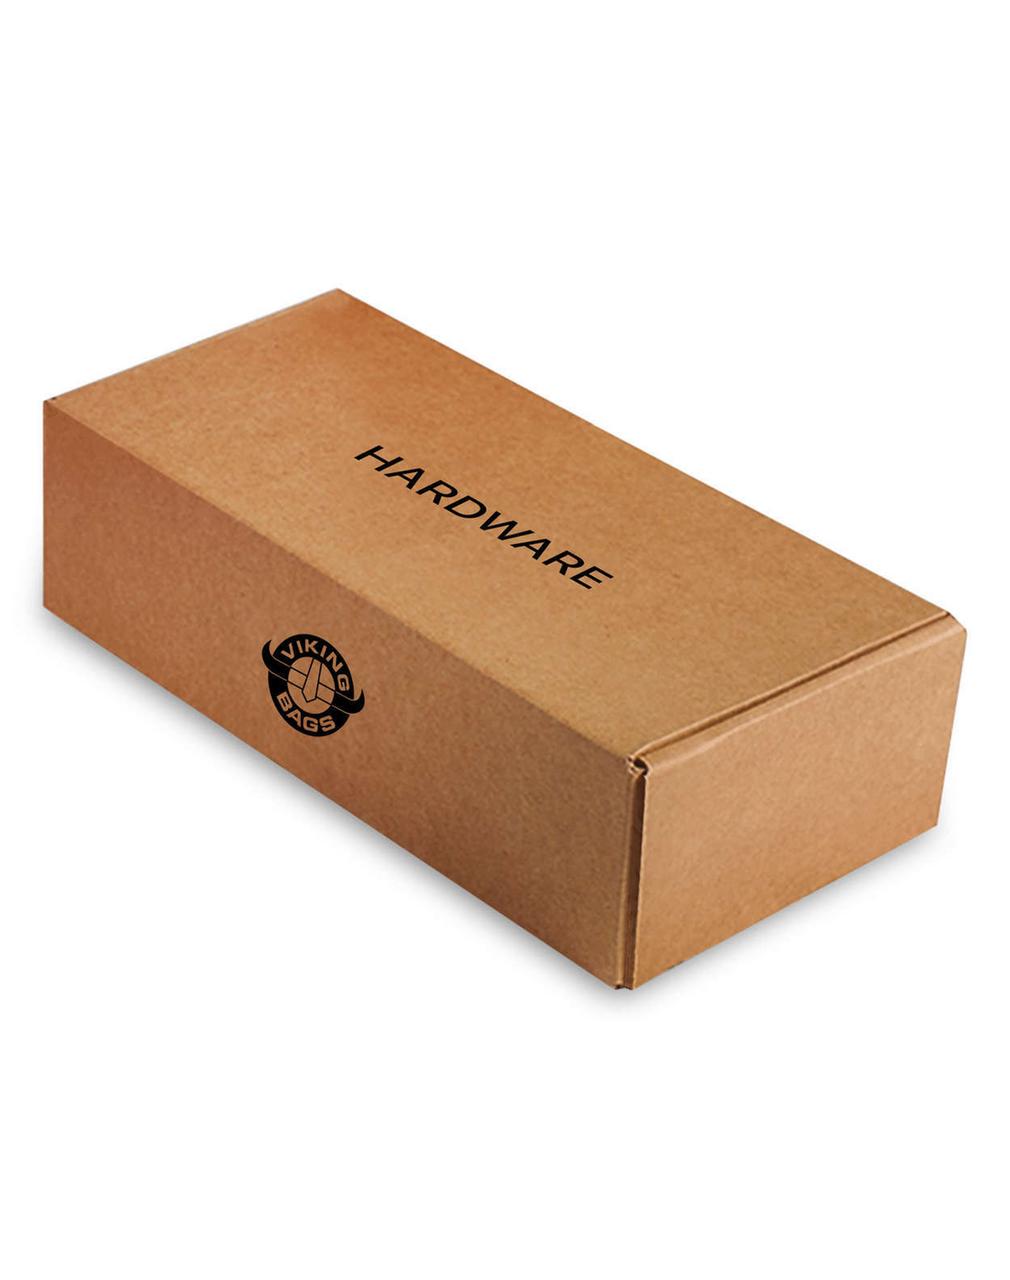 Triumph Rocket III Range Slanted Studded Medium Motorcycle Saddlebags Box